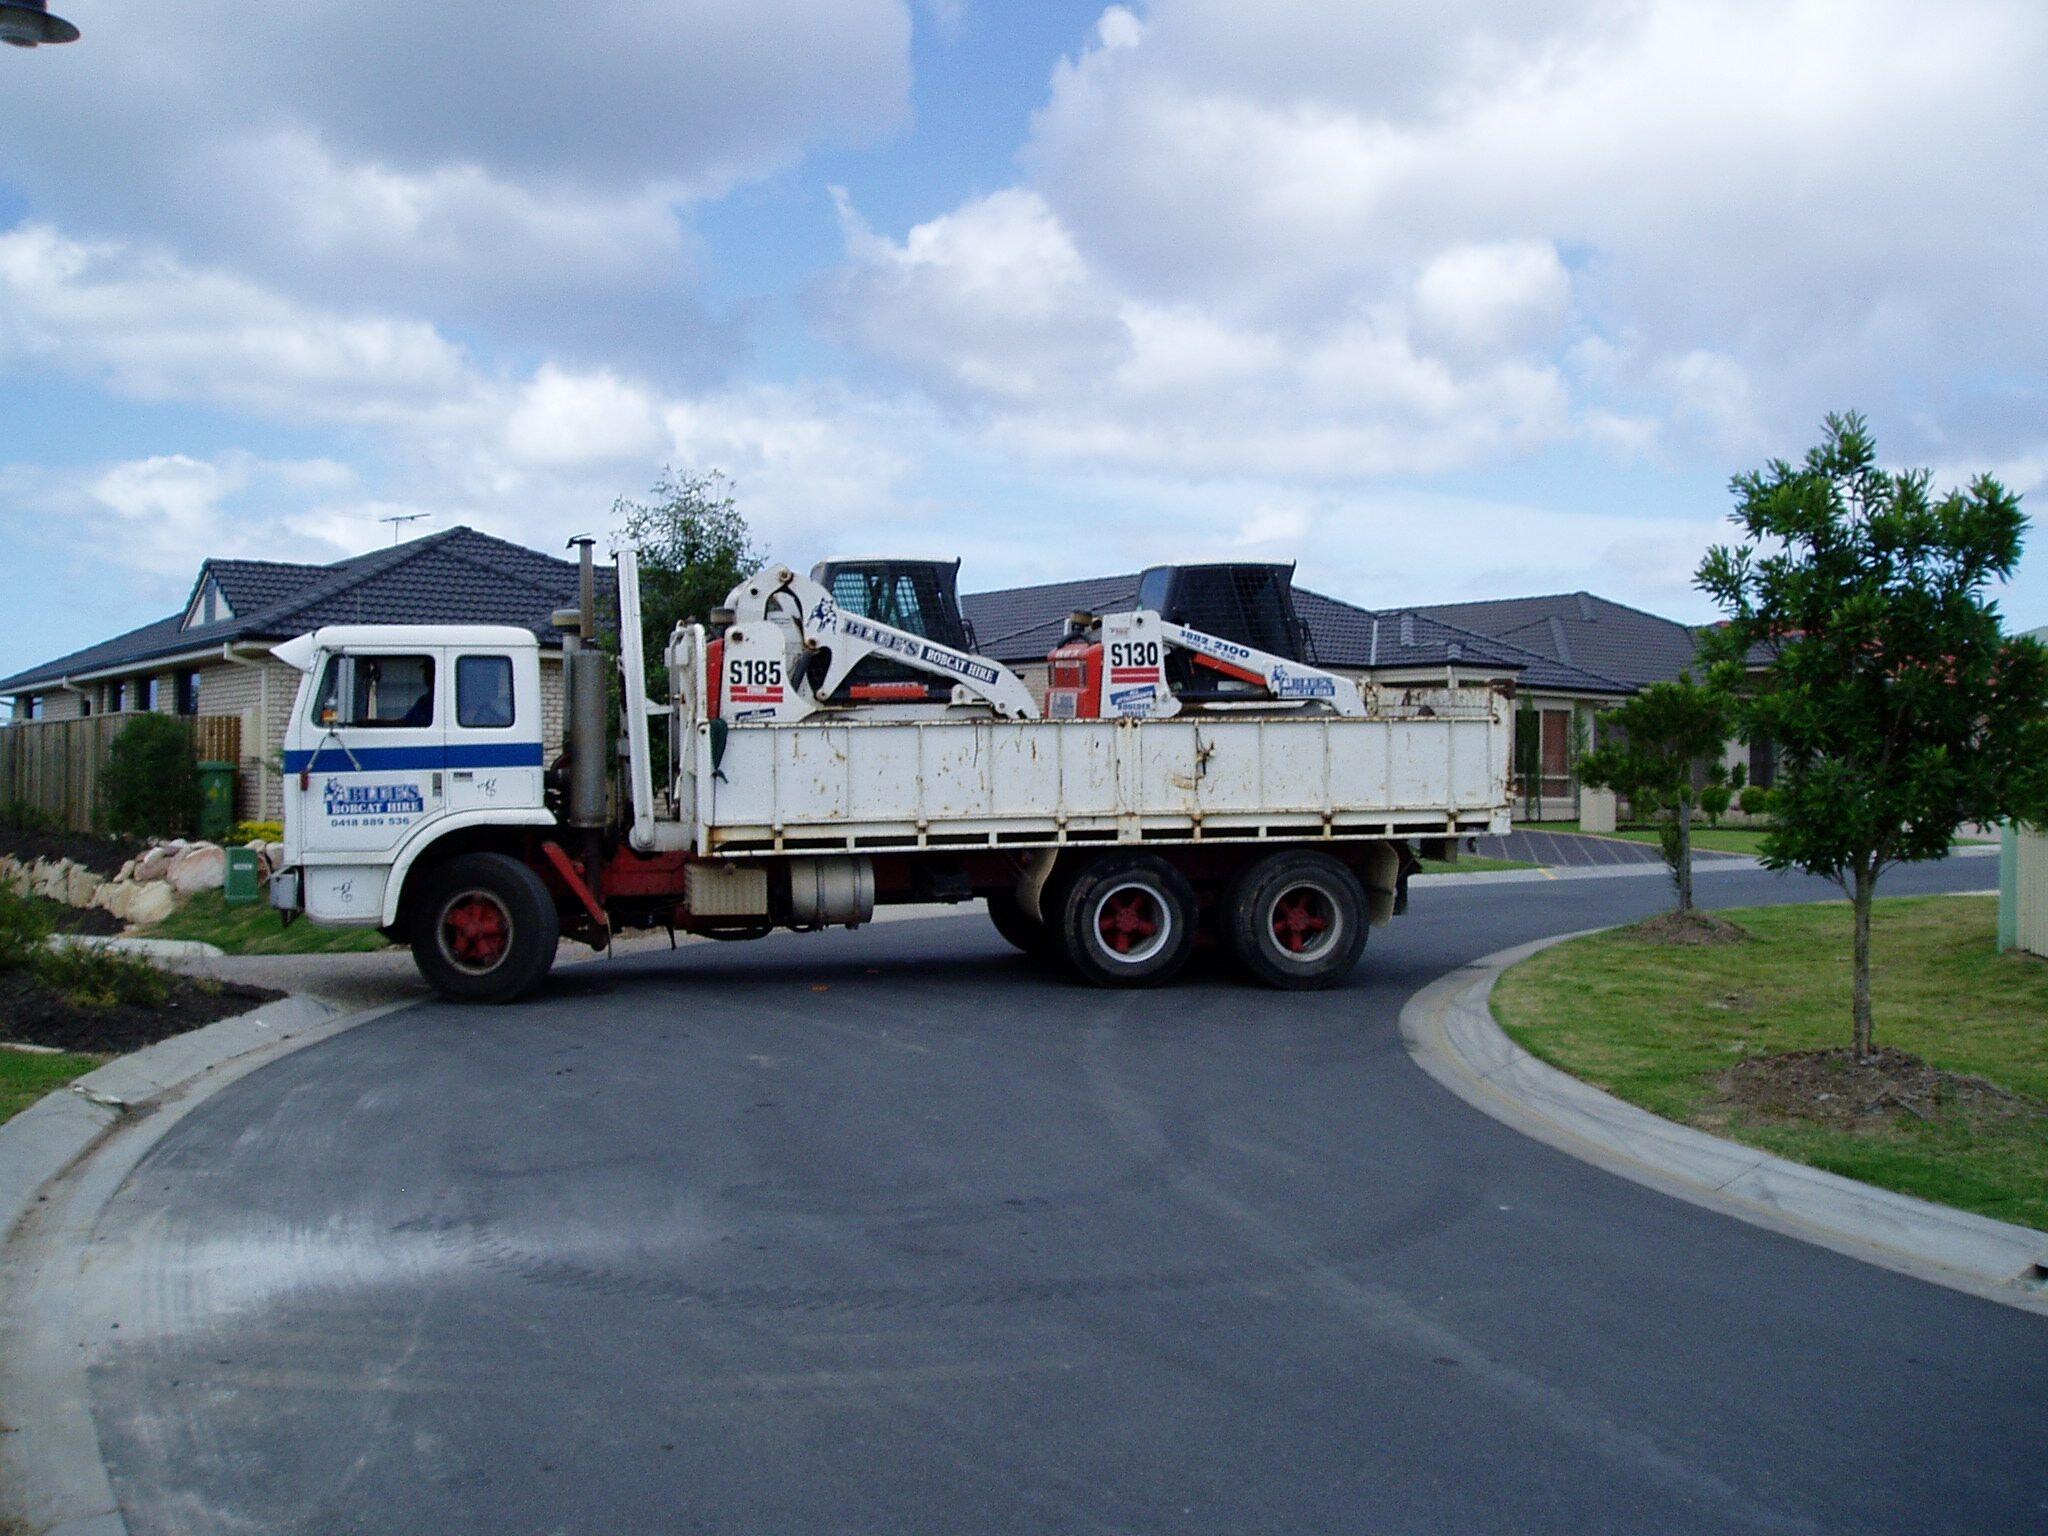 Medium Bobcat & Truck Combo for hire - Blues bob cat hire